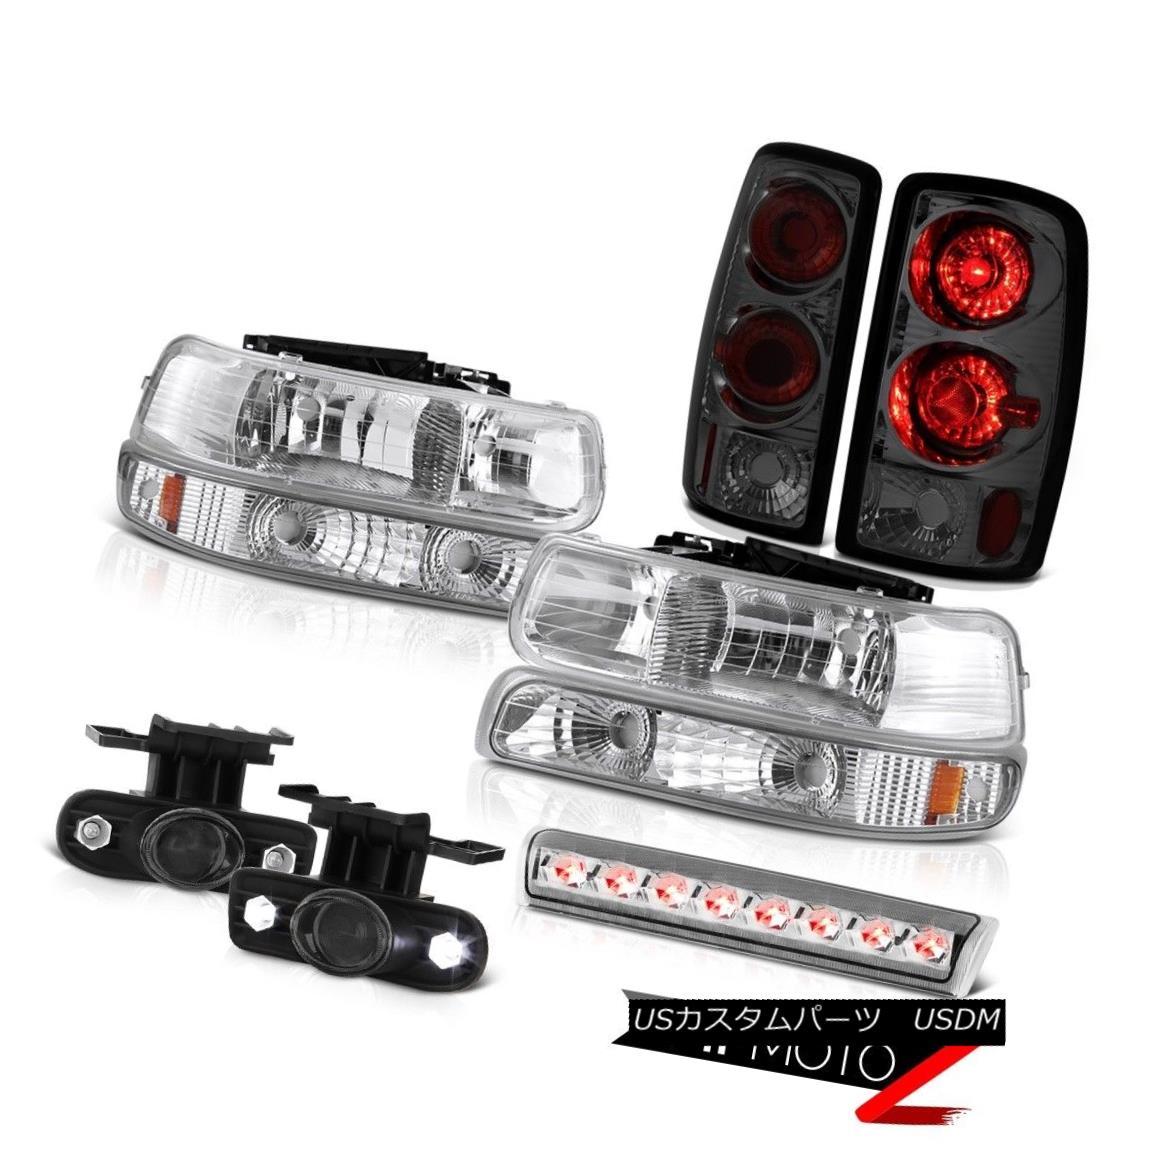 テールライト 2000-2006 Chevy Suburban LT Roof cab light dark smoke fog lights tail Headlights 2000-2006シボレー郊外LTルーフキャブライトダークスモークフォグライトテールヘッドライト